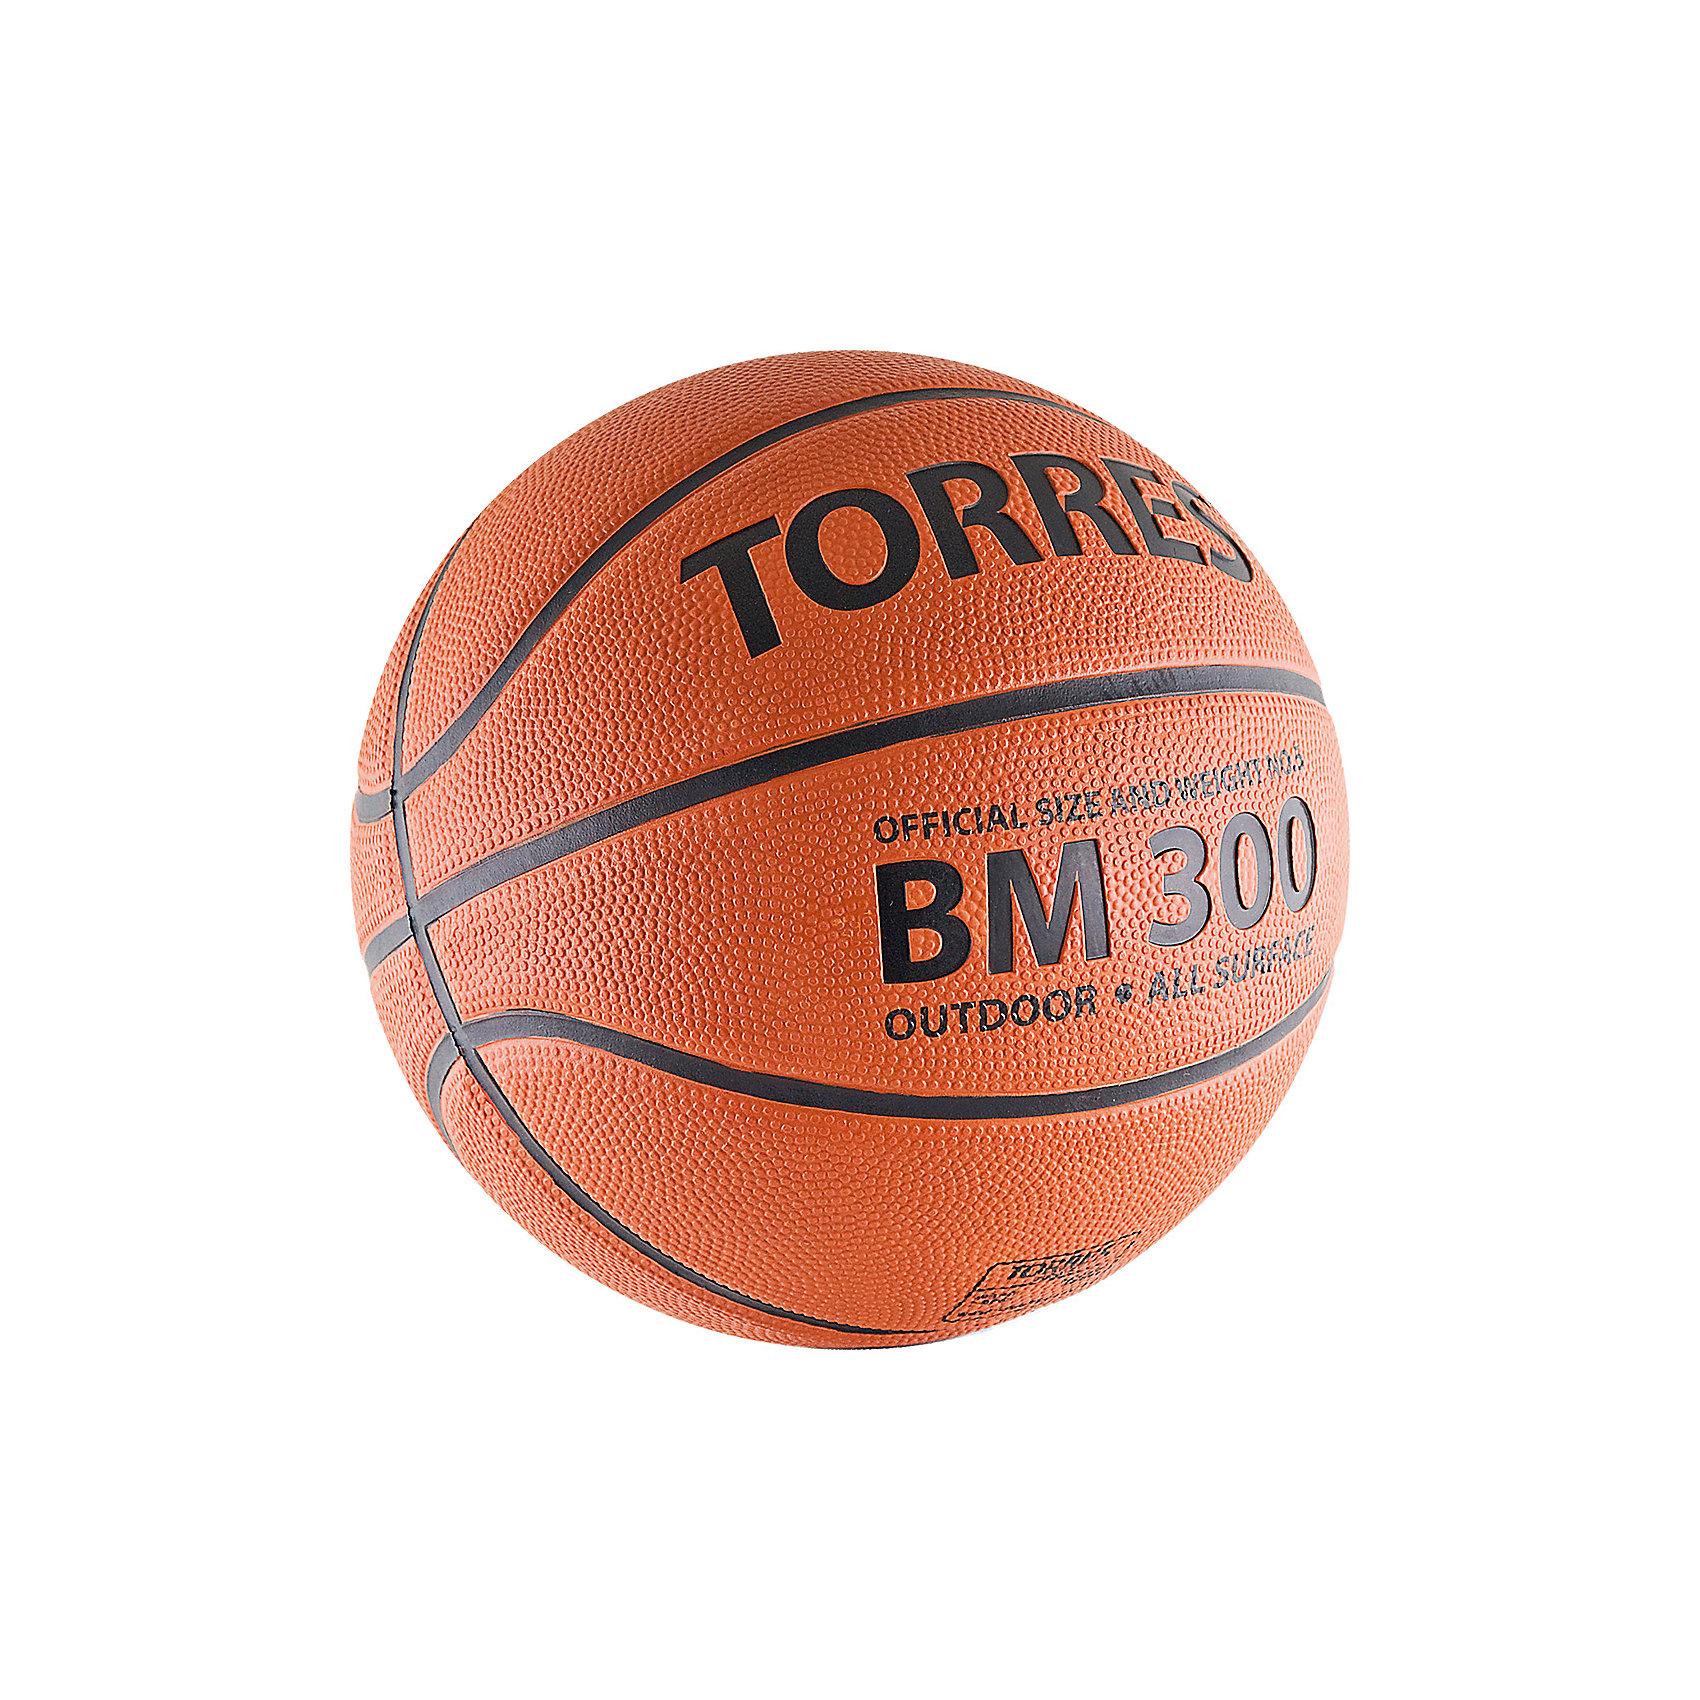 Баскетбольный мяч BM300, р. 7, резина, темнооранж., TORRES